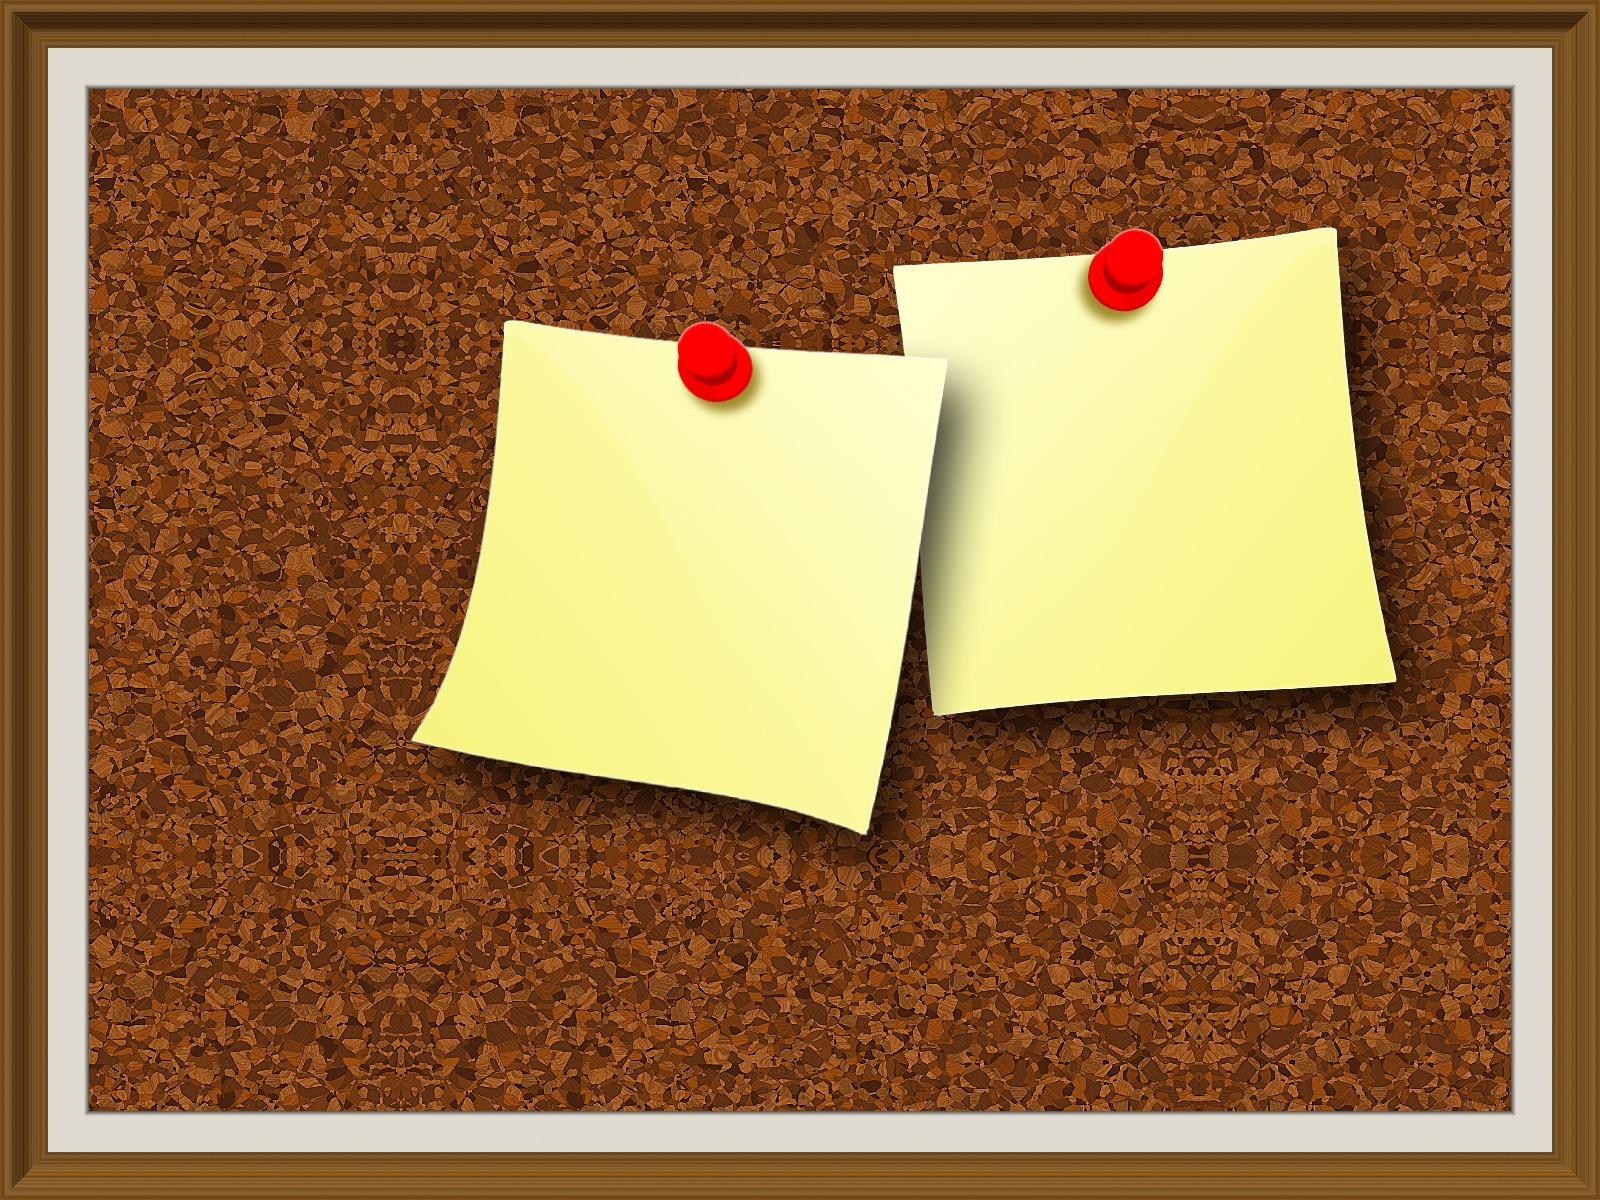 3 ferramentas de comunica o interna indispens veis for Aviso de ocacion mural